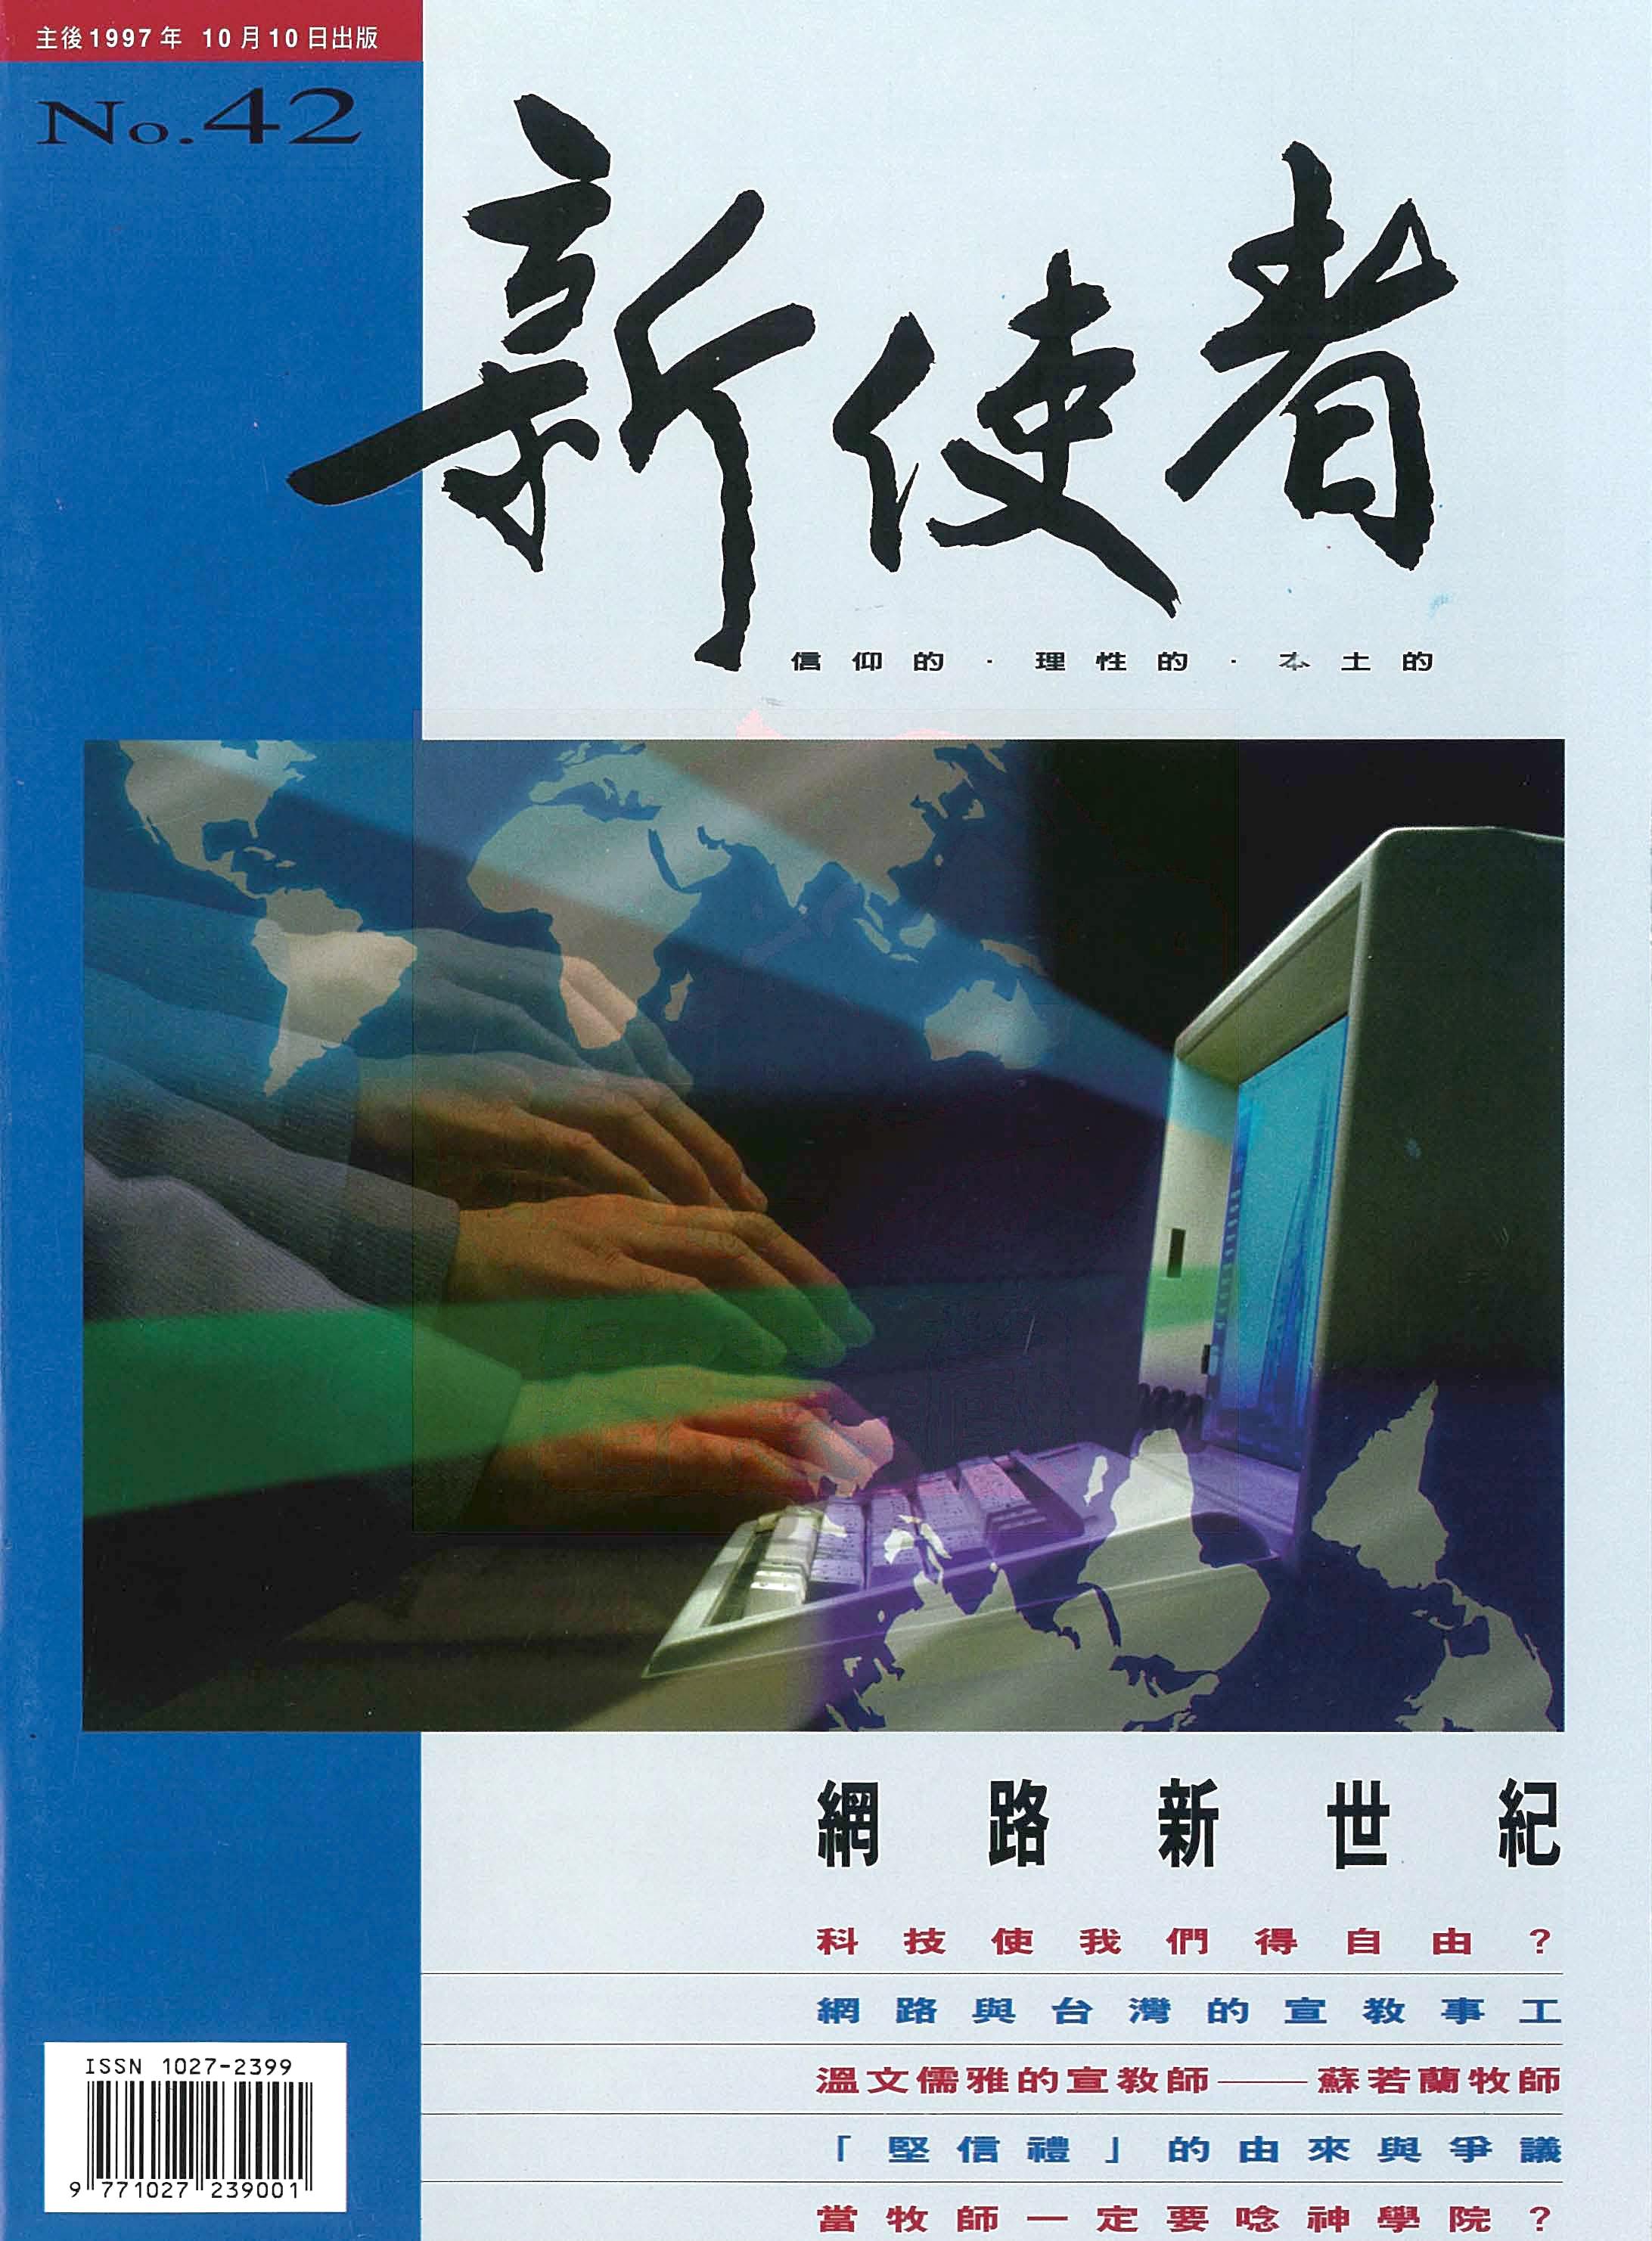 新使者雜誌 The New Messenger  42期  1997年  10月 網路新世紀